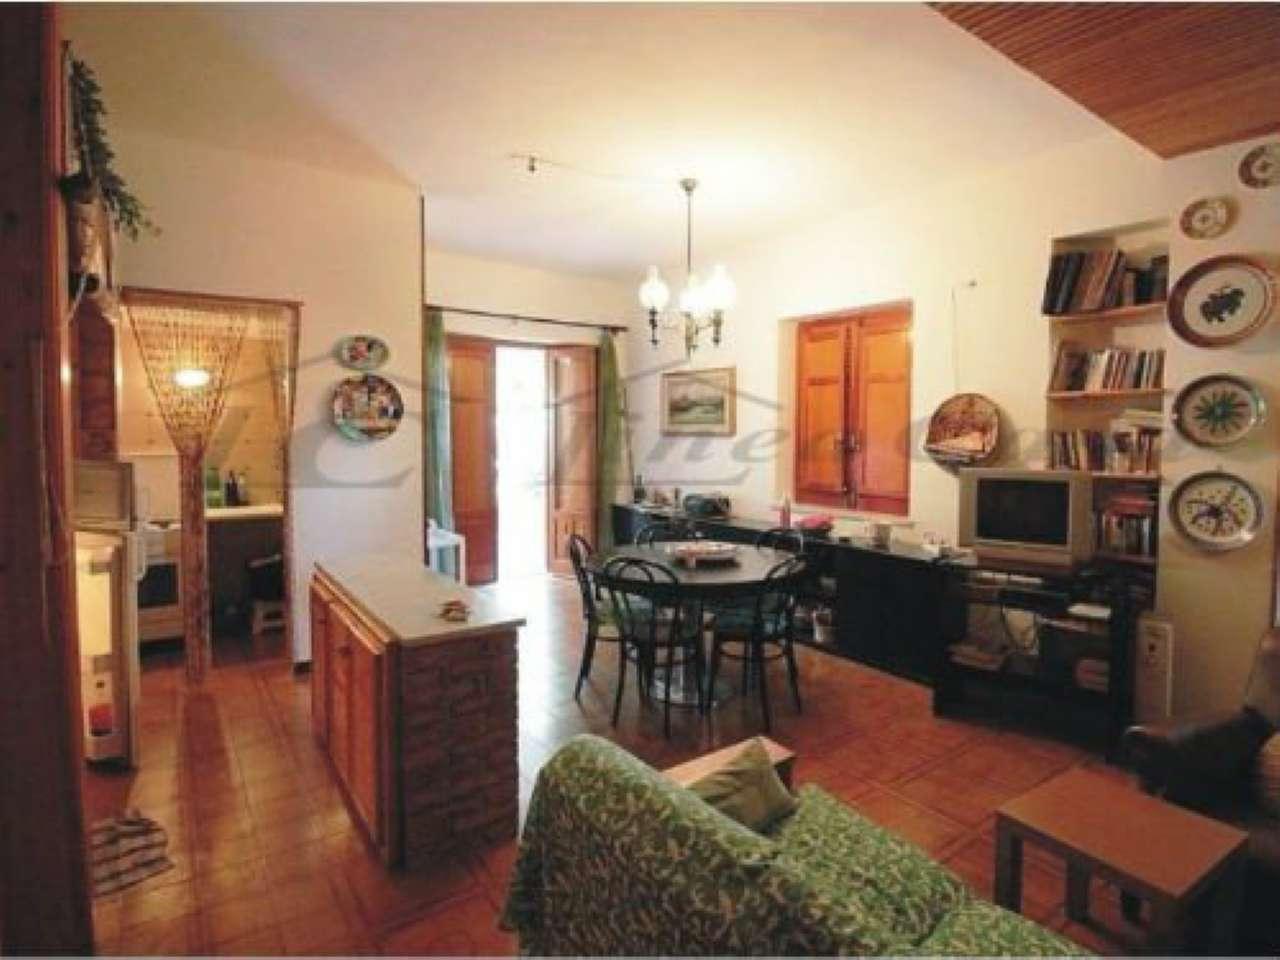 Villa in vendita a Altavilla Milicia, 7 locali, prezzo € 165.000 | CambioCasa.it